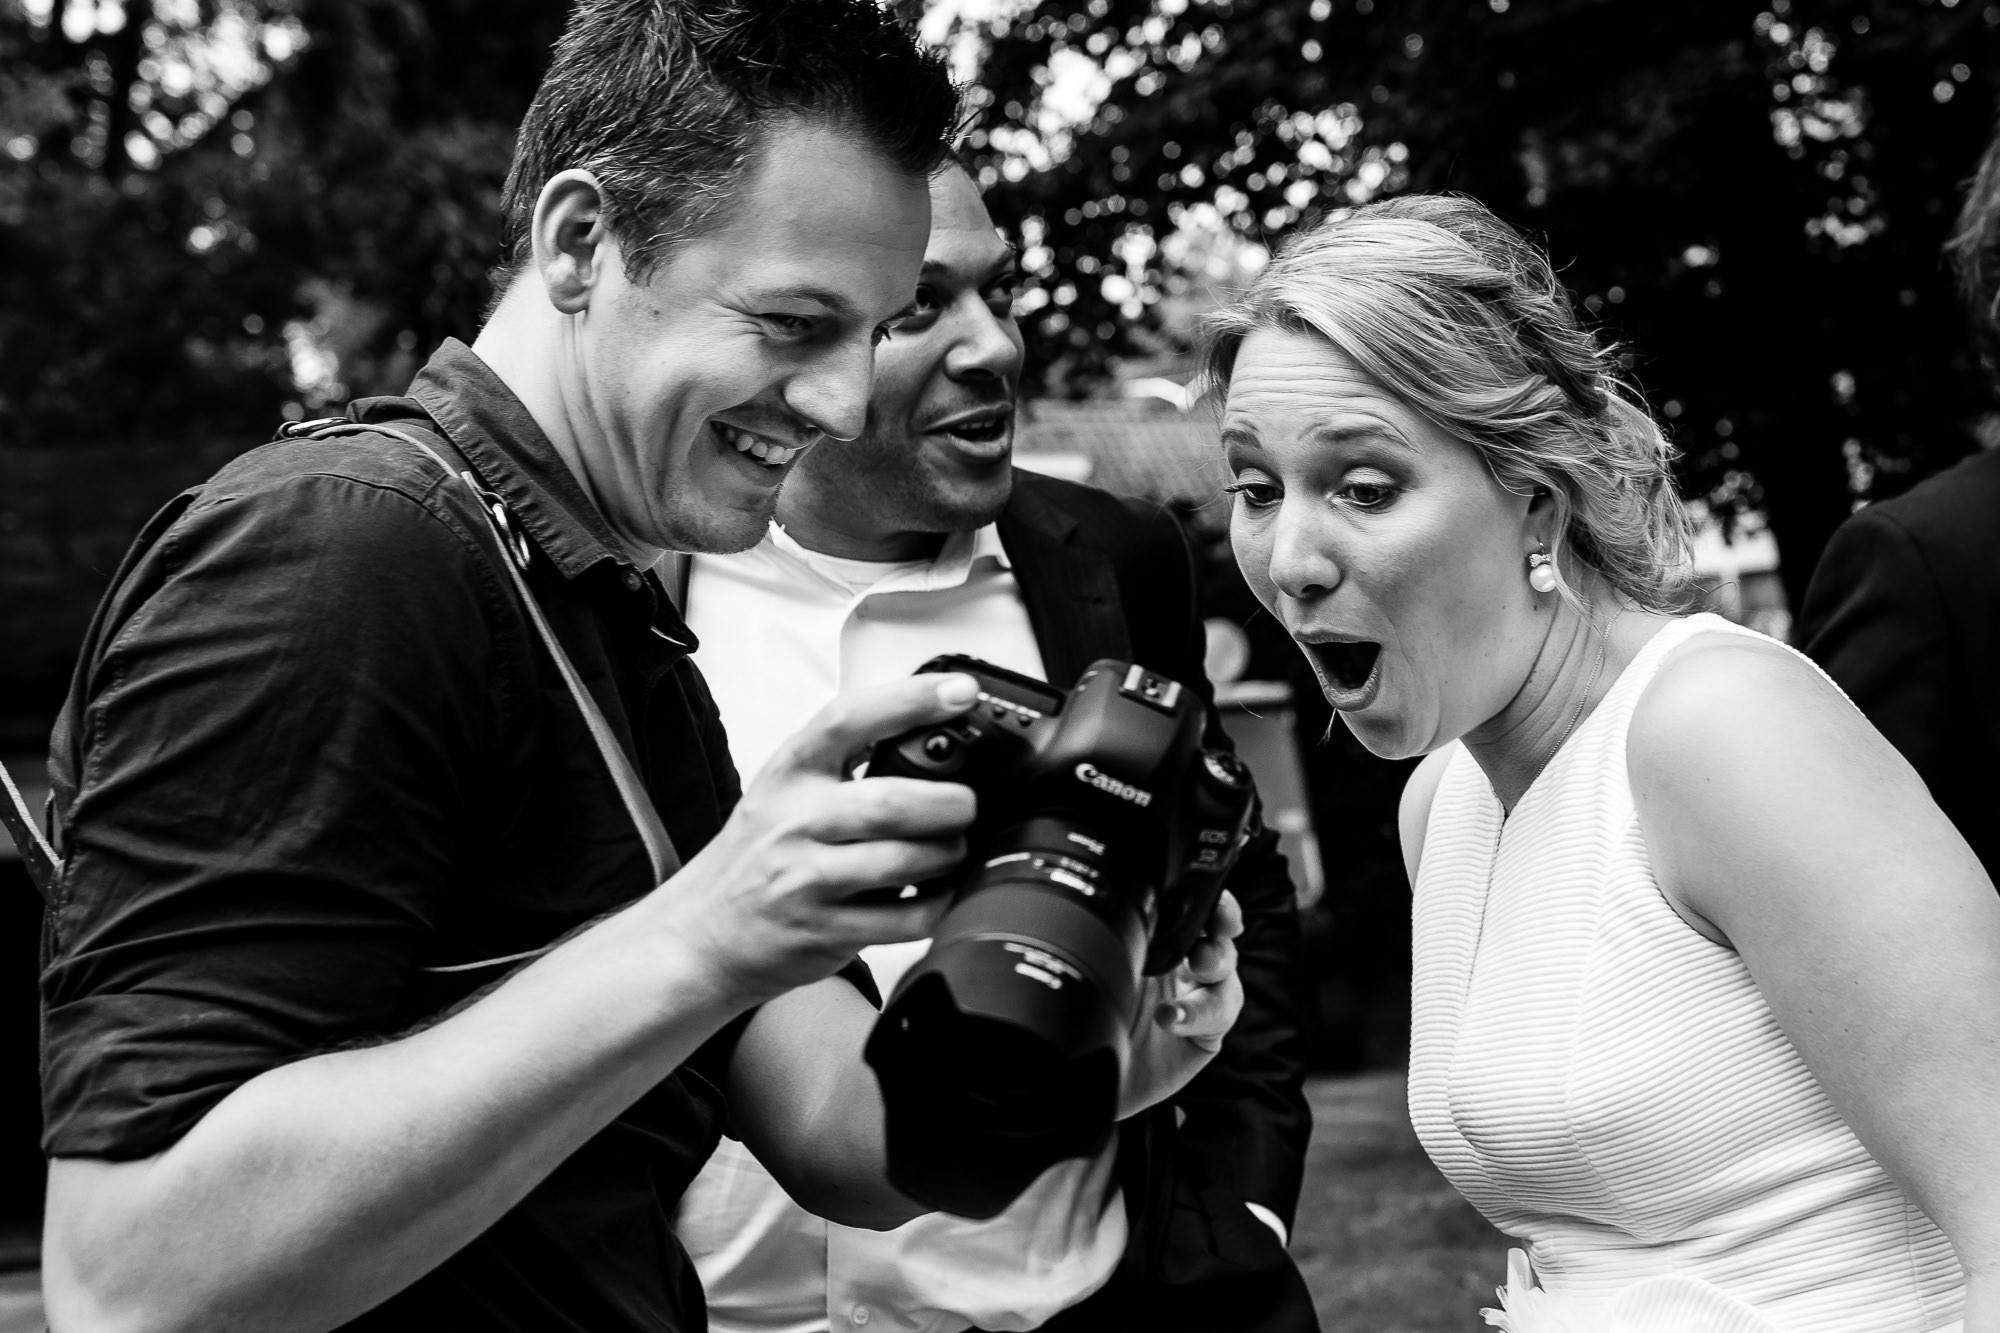 Bruidsfotograaf laat resultaat zien aan de bruid op de camera